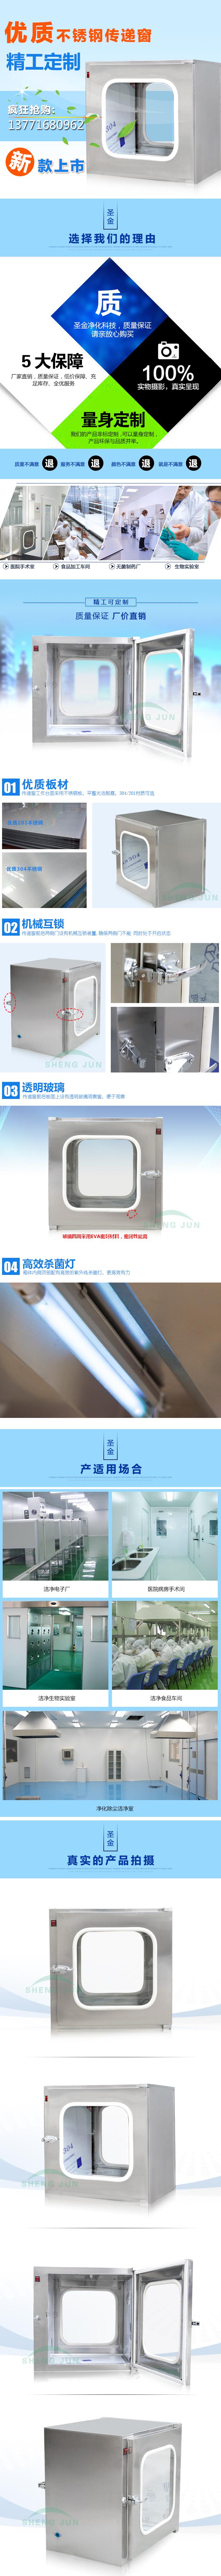 QS认证不锈钢传递窗自带杀菌灯 冷库传递门食品厂电子厂医院优选